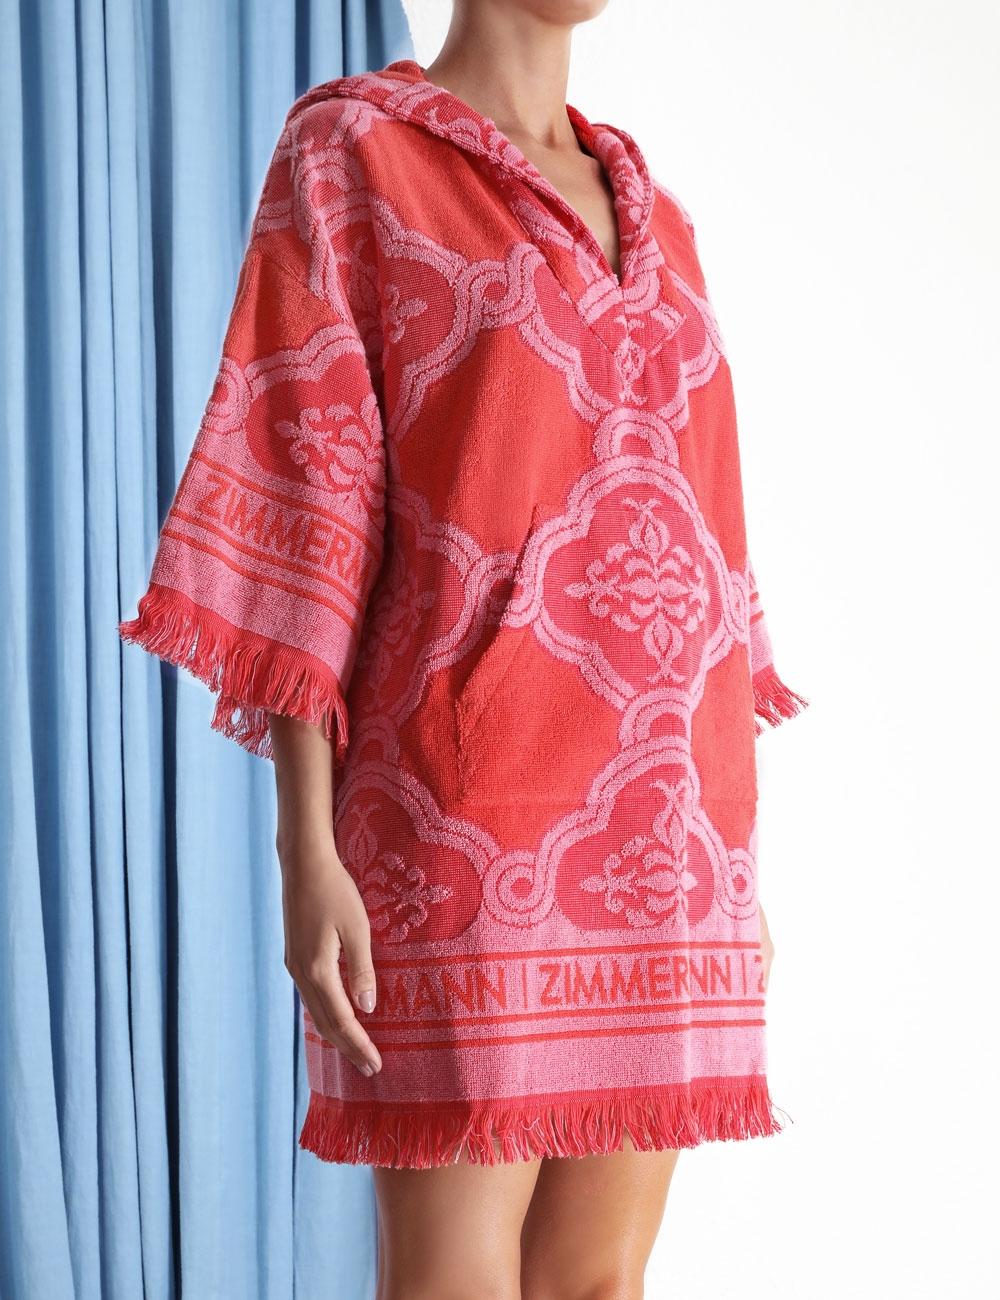 Poppy Terry Towel Dress